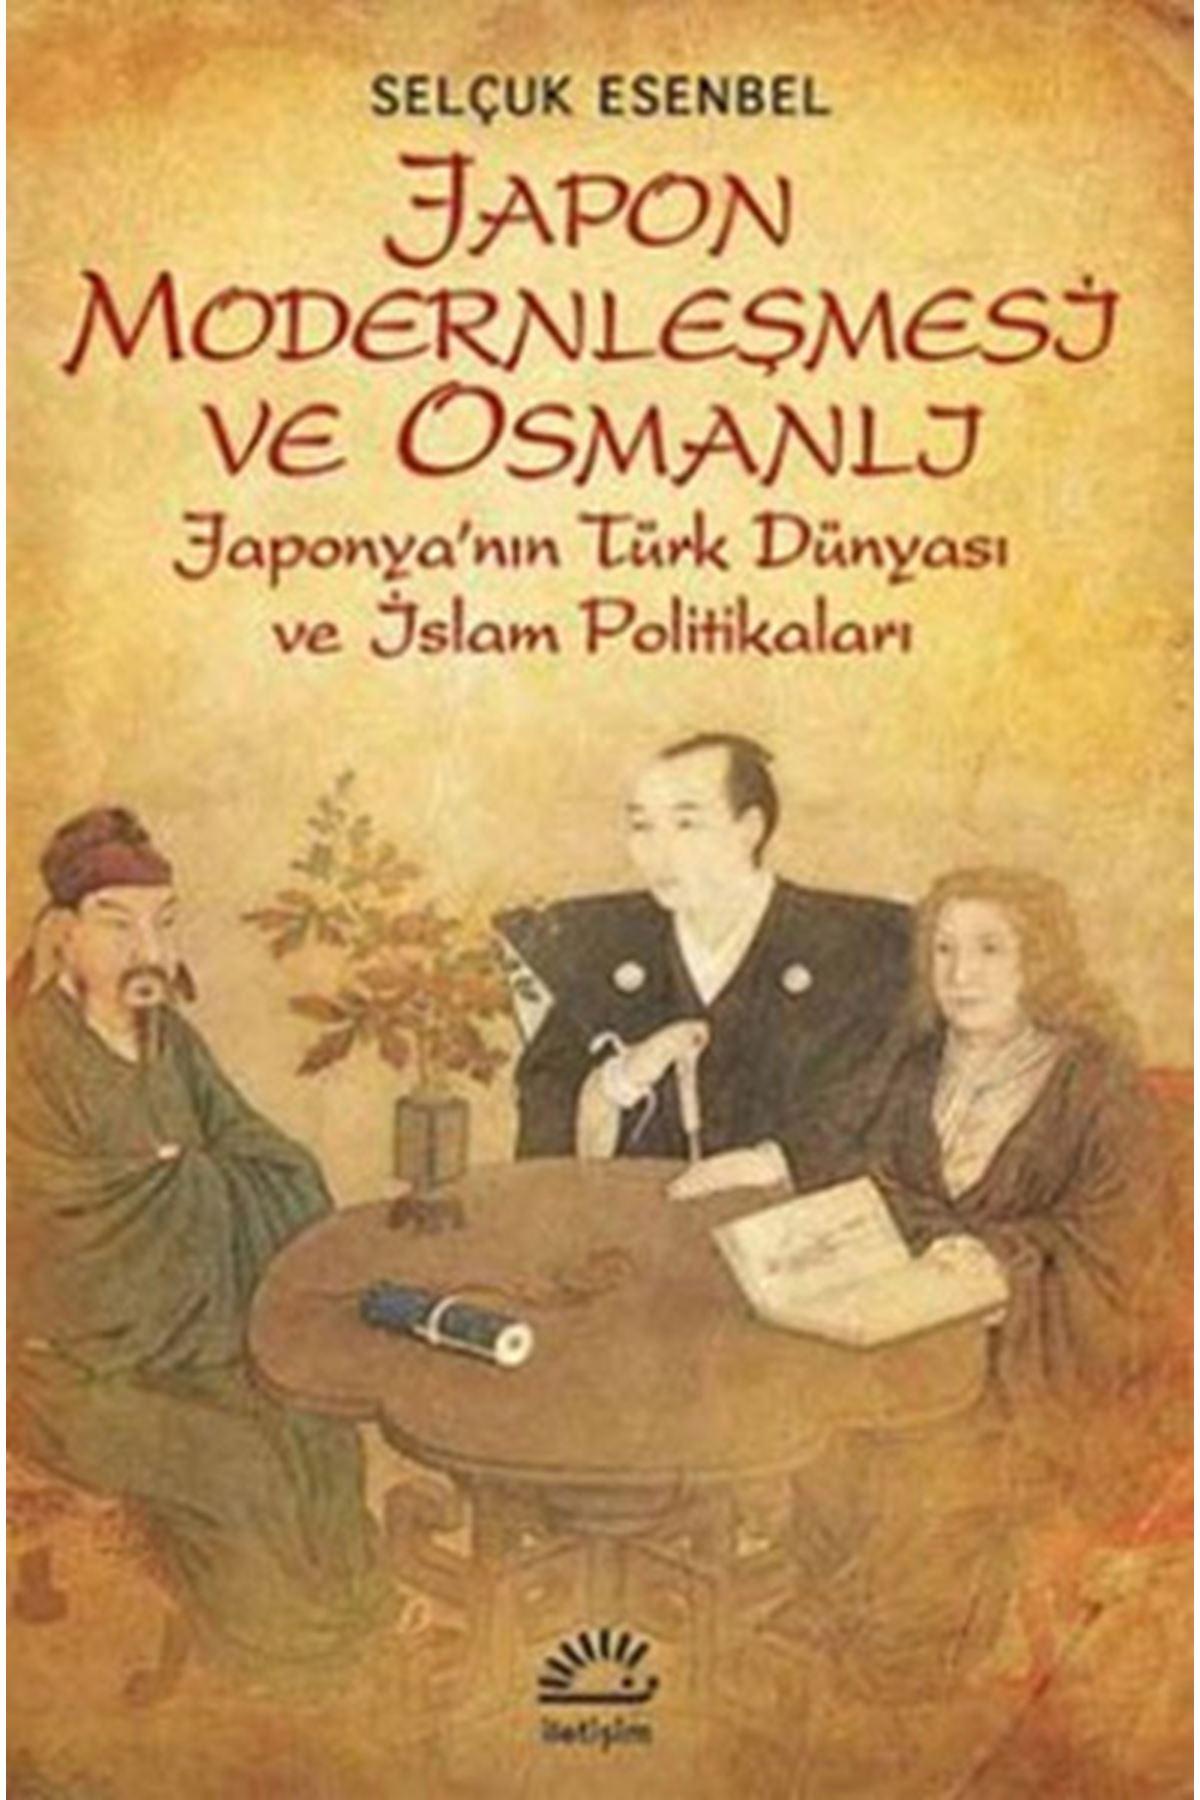 SELÇUK ESENBEL - JAPON MODERNLEŞMESİ VE OSMANLI